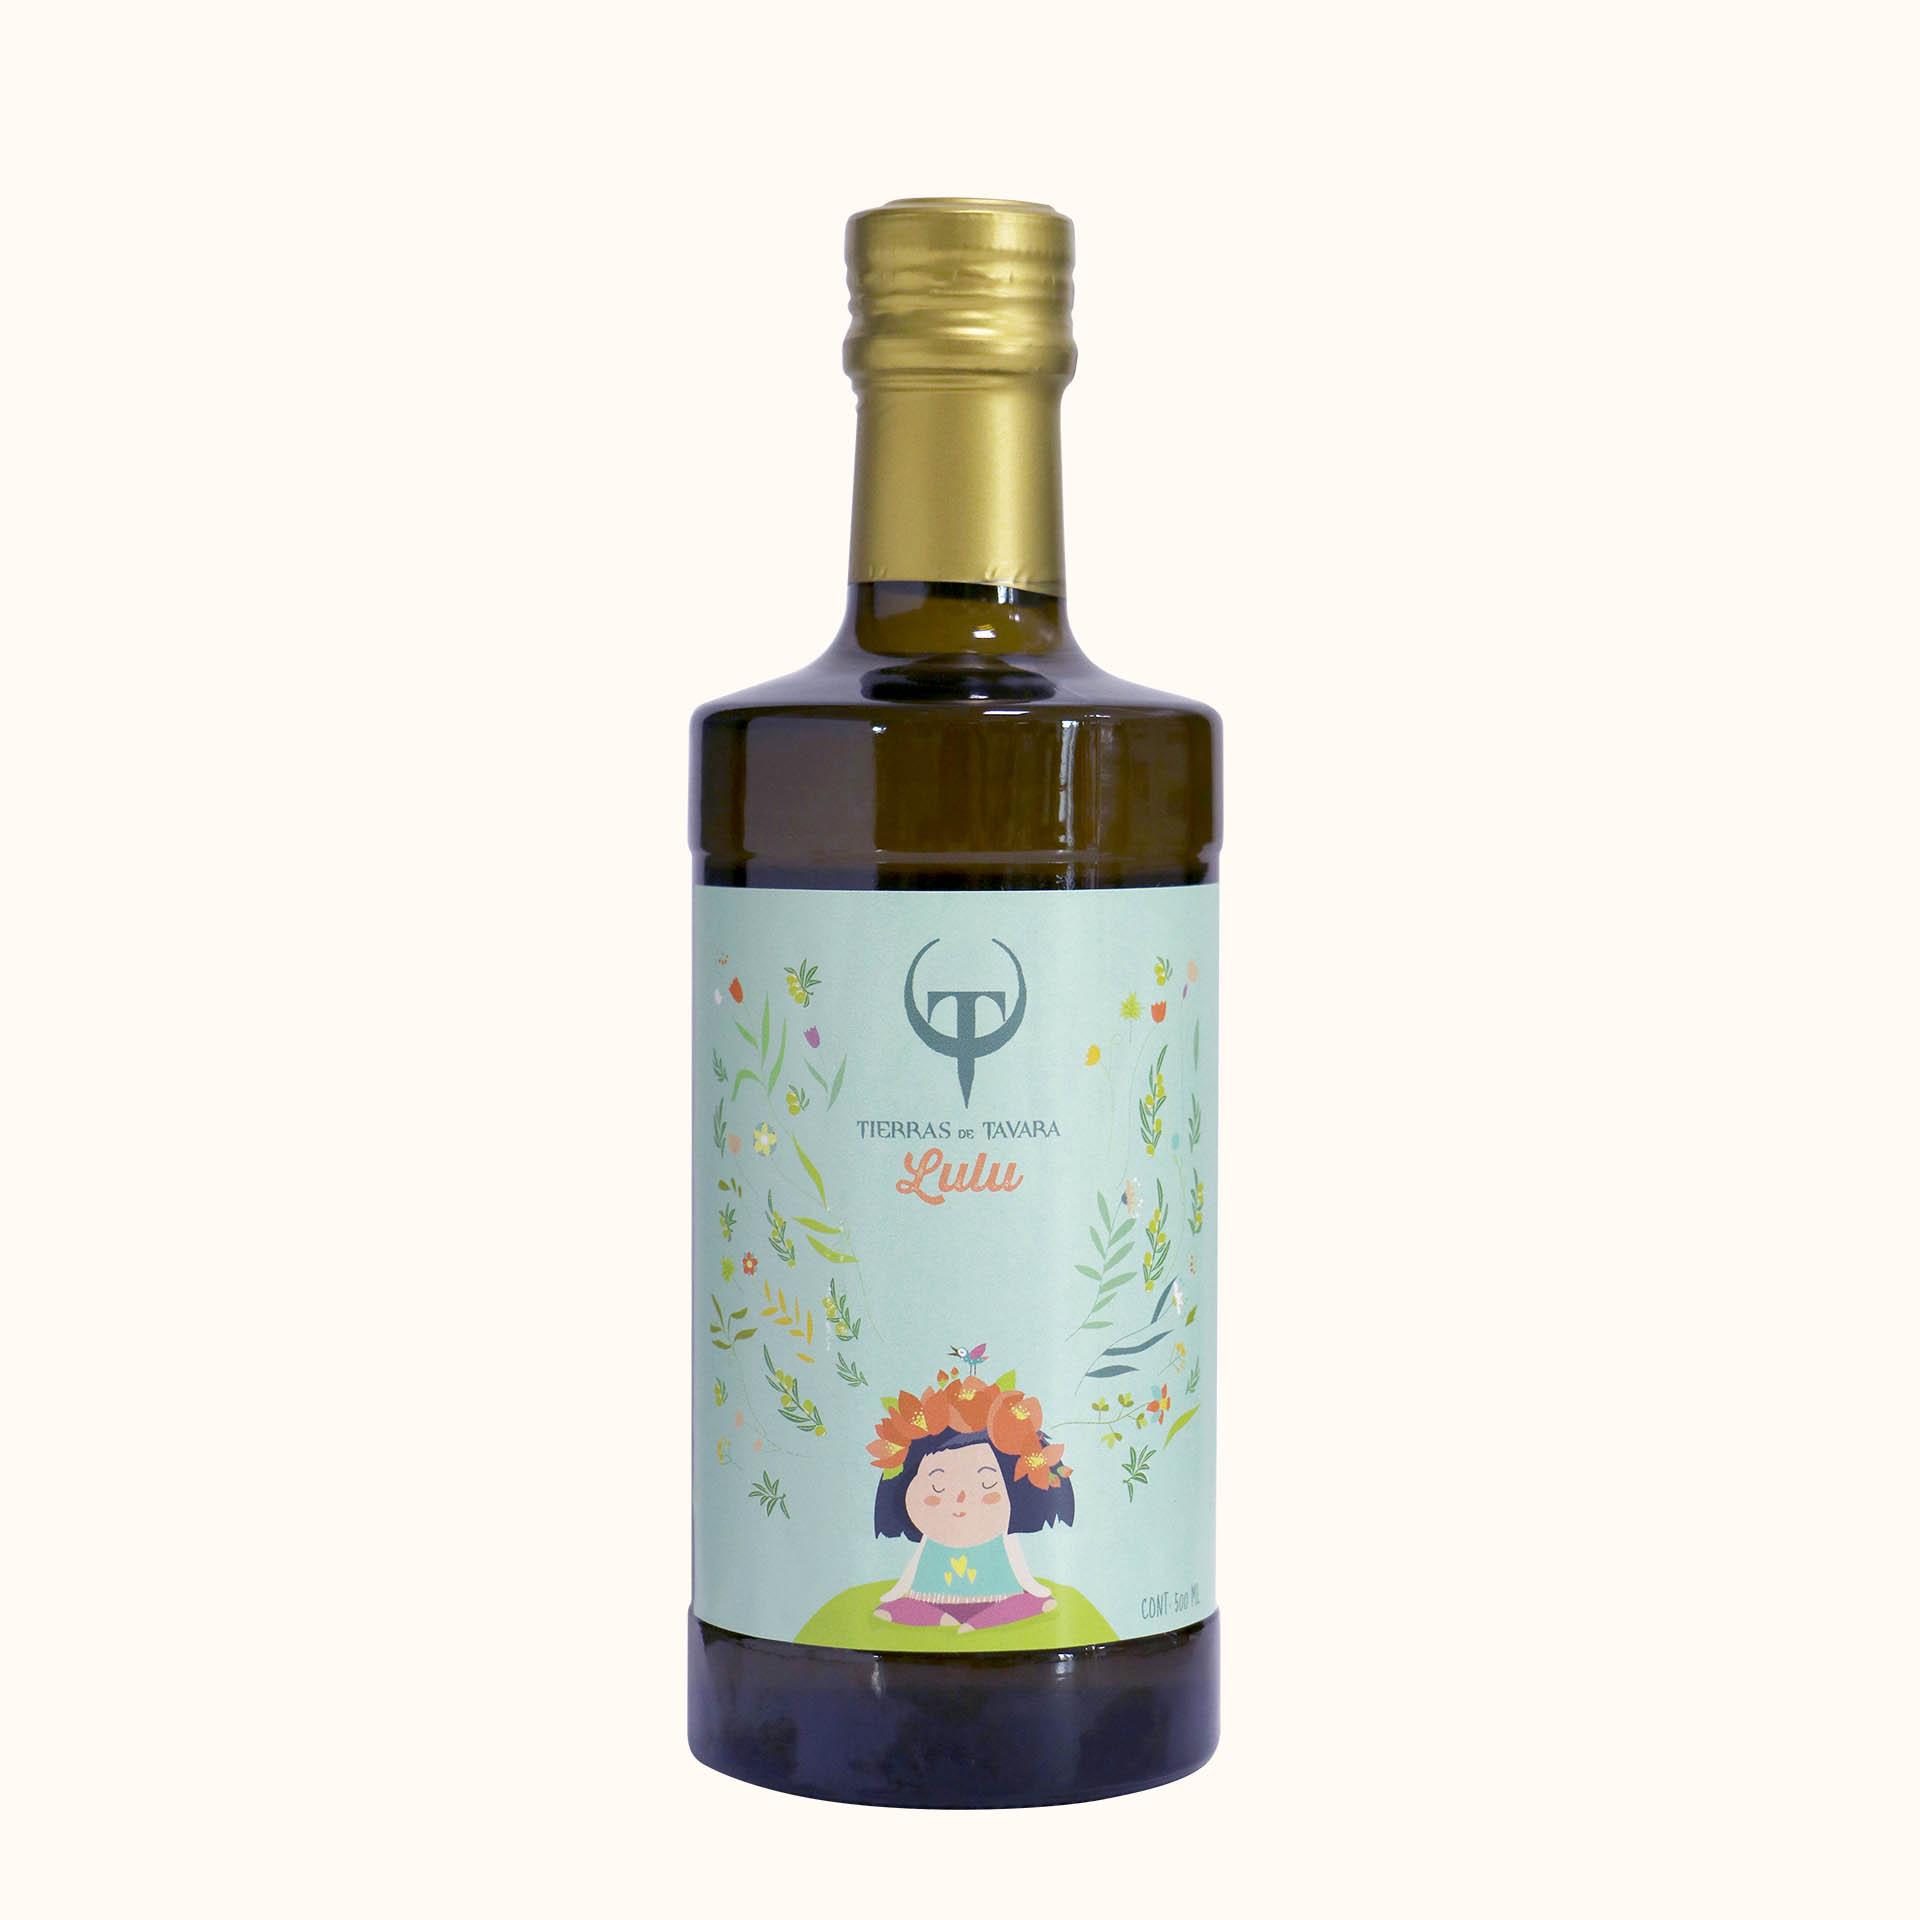 【短效品】Lulus 頂級初榨橄欖油 250ml(有效:20220904)